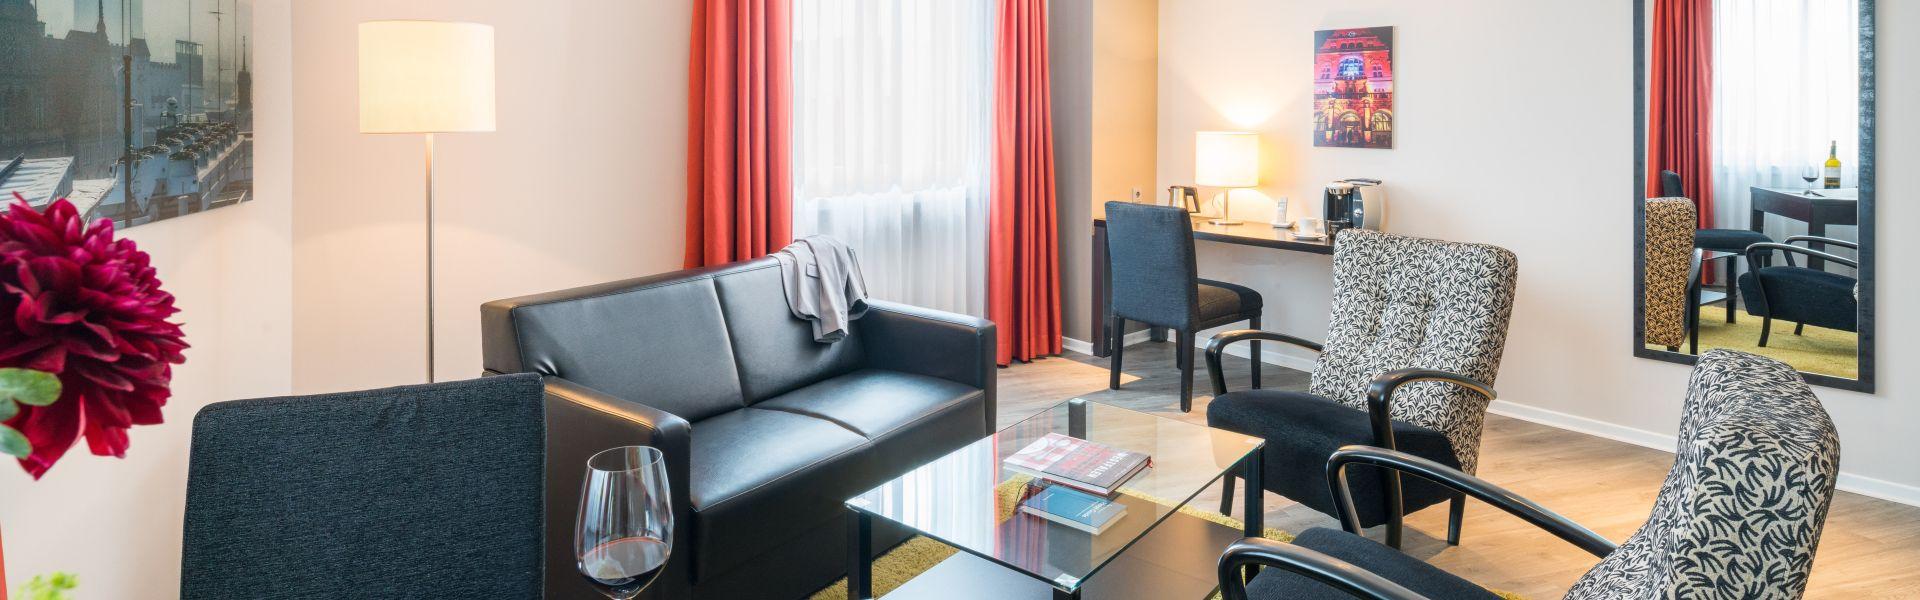 Sitzecke im Hotelzimmer Bielefelder Hof